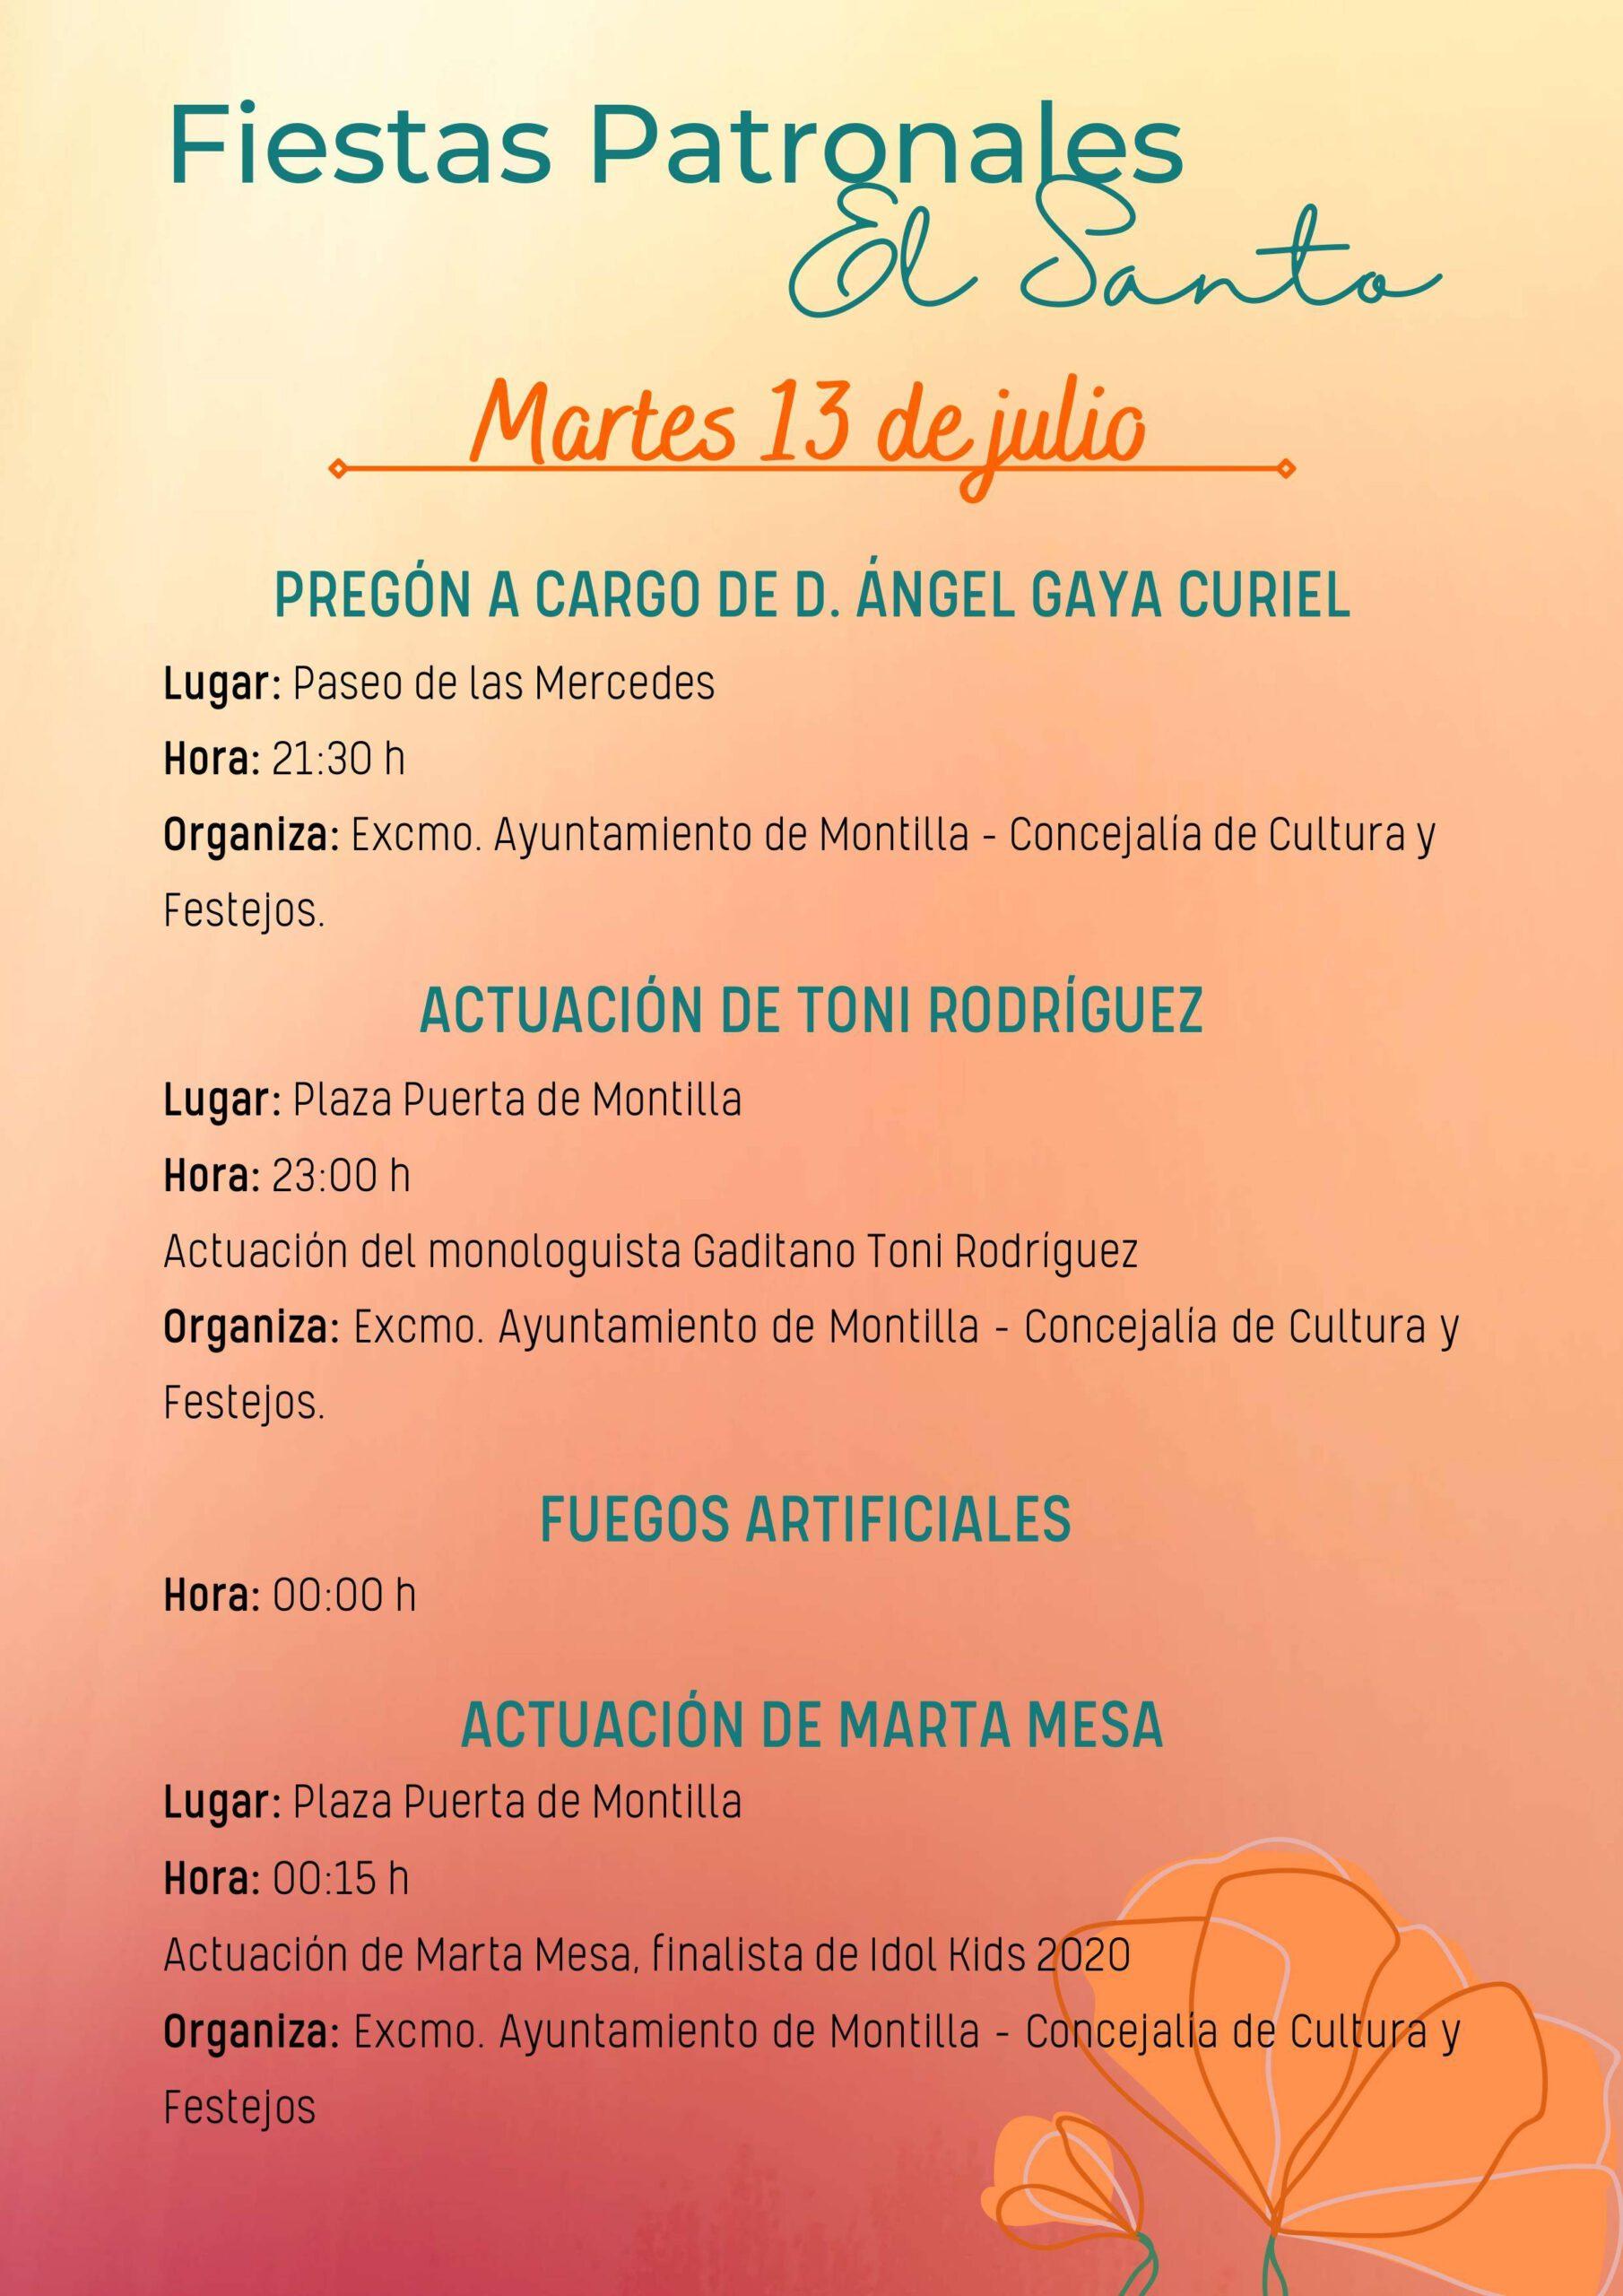 Fiestas patronales de El Santo (2021) - Montilla (Córdoba) 7